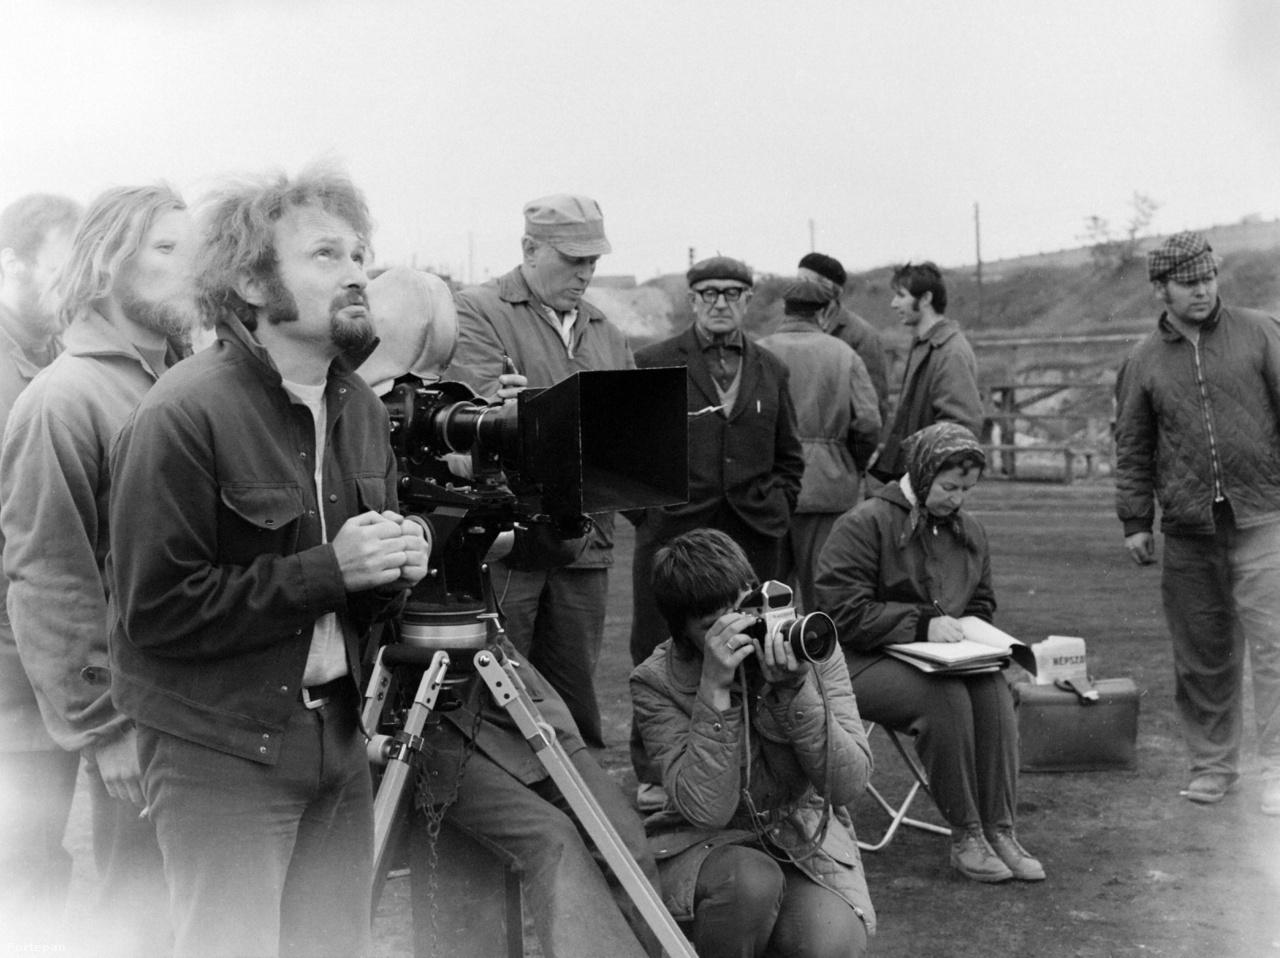 """Bal oldalt Sándor Pál rendező tekint fel az égre. """"Borúra várva, ez lehetne a kép címe, mert Ragályi azt találta ki, hogy ezt a filmet csak borúban lehet forgatni. Volt olyan, hogy kimentünk a szeméttelepre, és vártuk, hogy elmenjen a nap, hogy szép legyen a film."""" - emlékszik vissza a rendező. Sándor mellett Bánk László asszisztens sapkában, a kamera alatt B. Müller Magda, a film hivatalos fotósa fotózza a készülő jelenetet. Jávor István viszont a stábról csinált képet: """"Sándor Pálról nagyon jó portrékat lehet lőni, olyan mimikája van mint Louis de Funes-nek."""""""